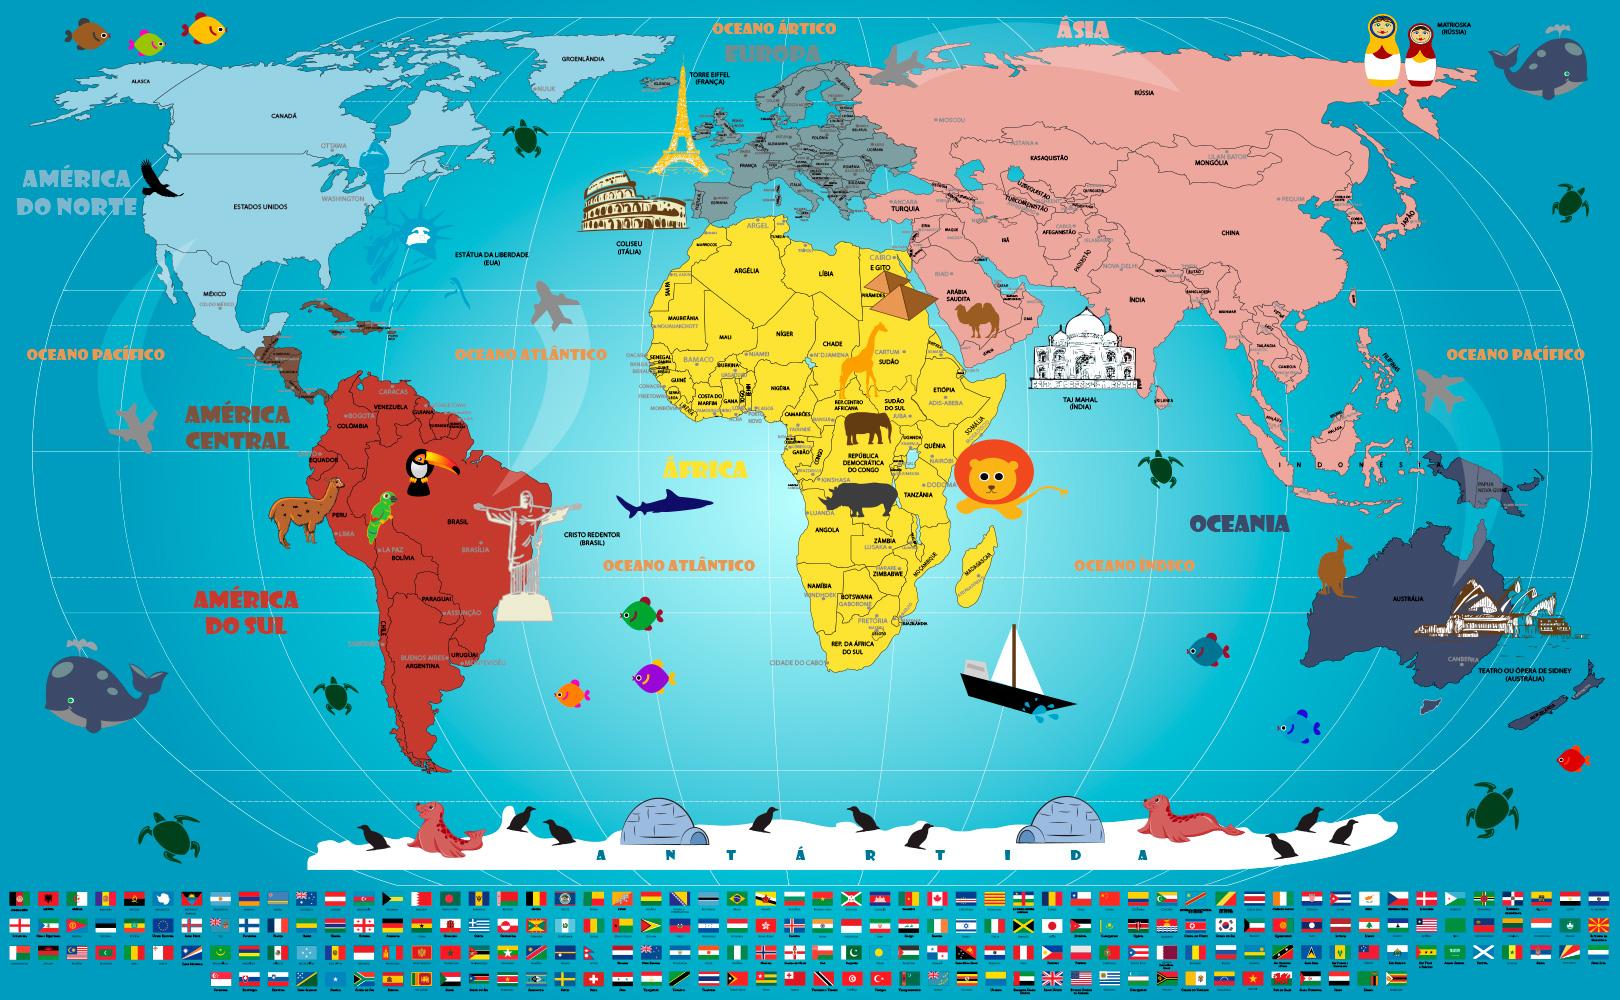 Mapa Mundi Infantil Adesivo Artisticamente Ilustrado